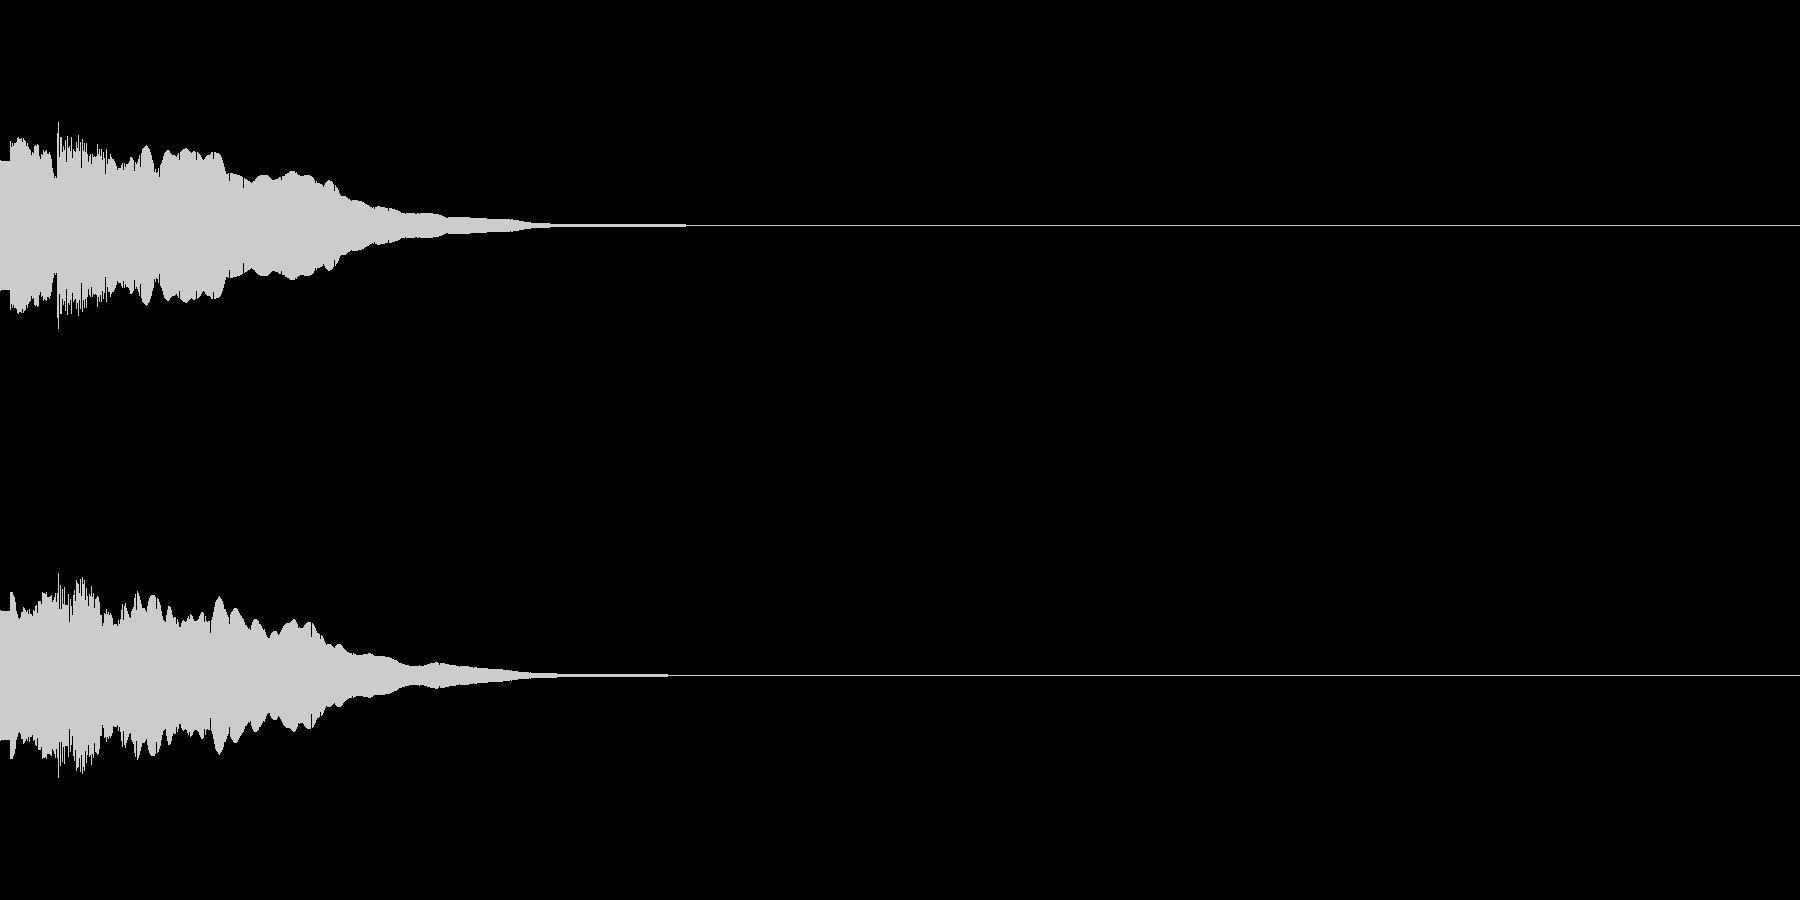 ピンポーン(クイズ解答、正解)の未再生の波形